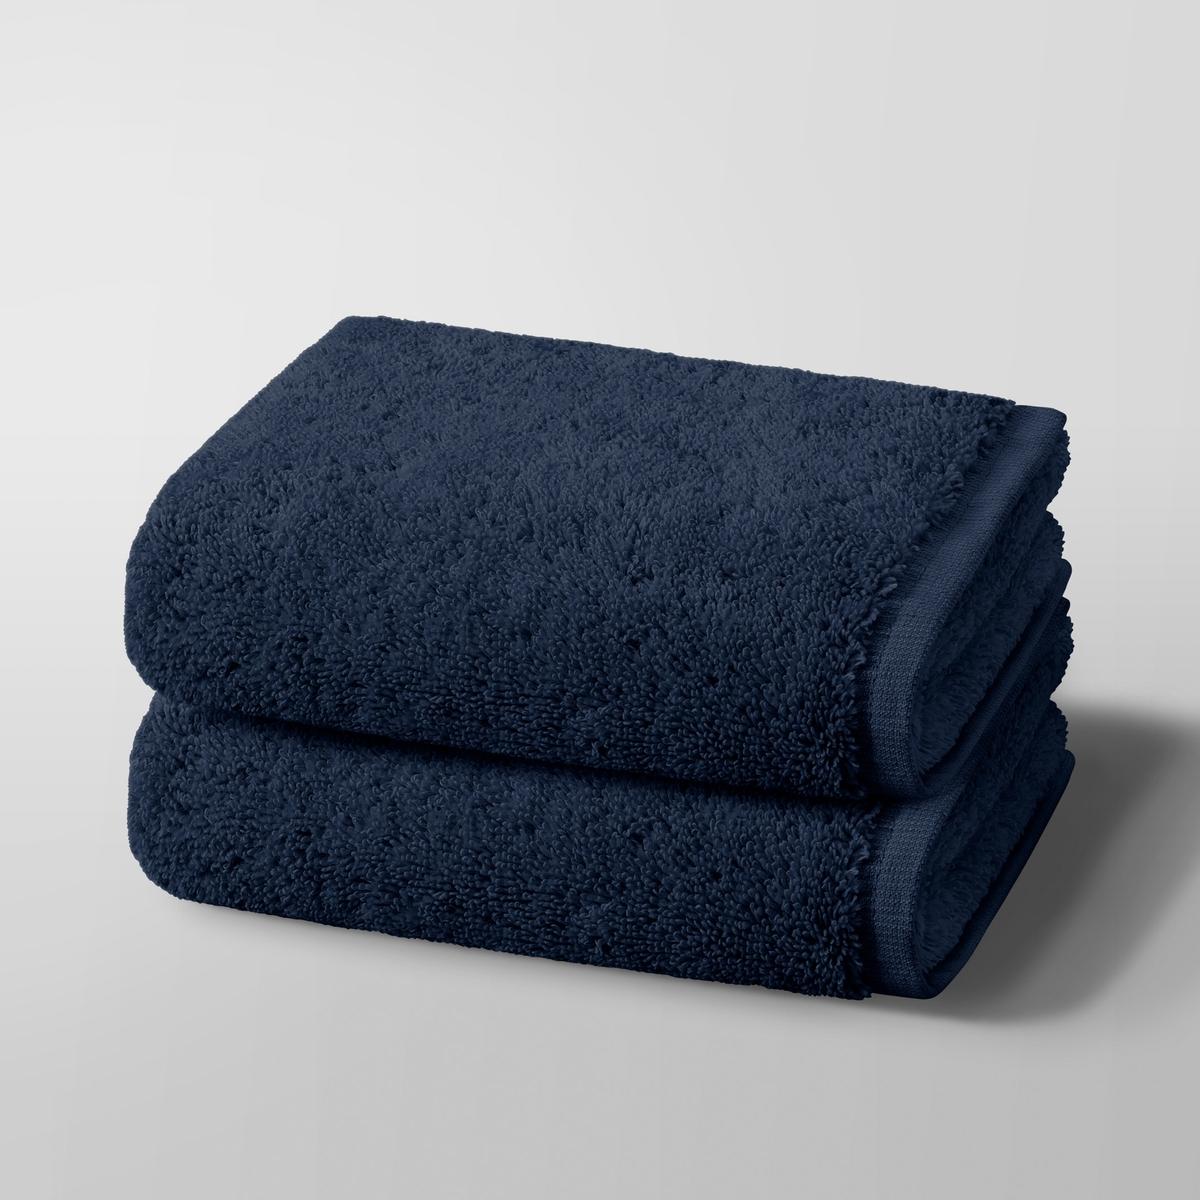 2 полотенца гостевых Gilbear<br><br>Цвет: серо-коричневый,серо-розовый,сине-зеленый,синий морской,темно-серый,черный<br>Размер: комплект из 2.комплект из 2.комплект из 2